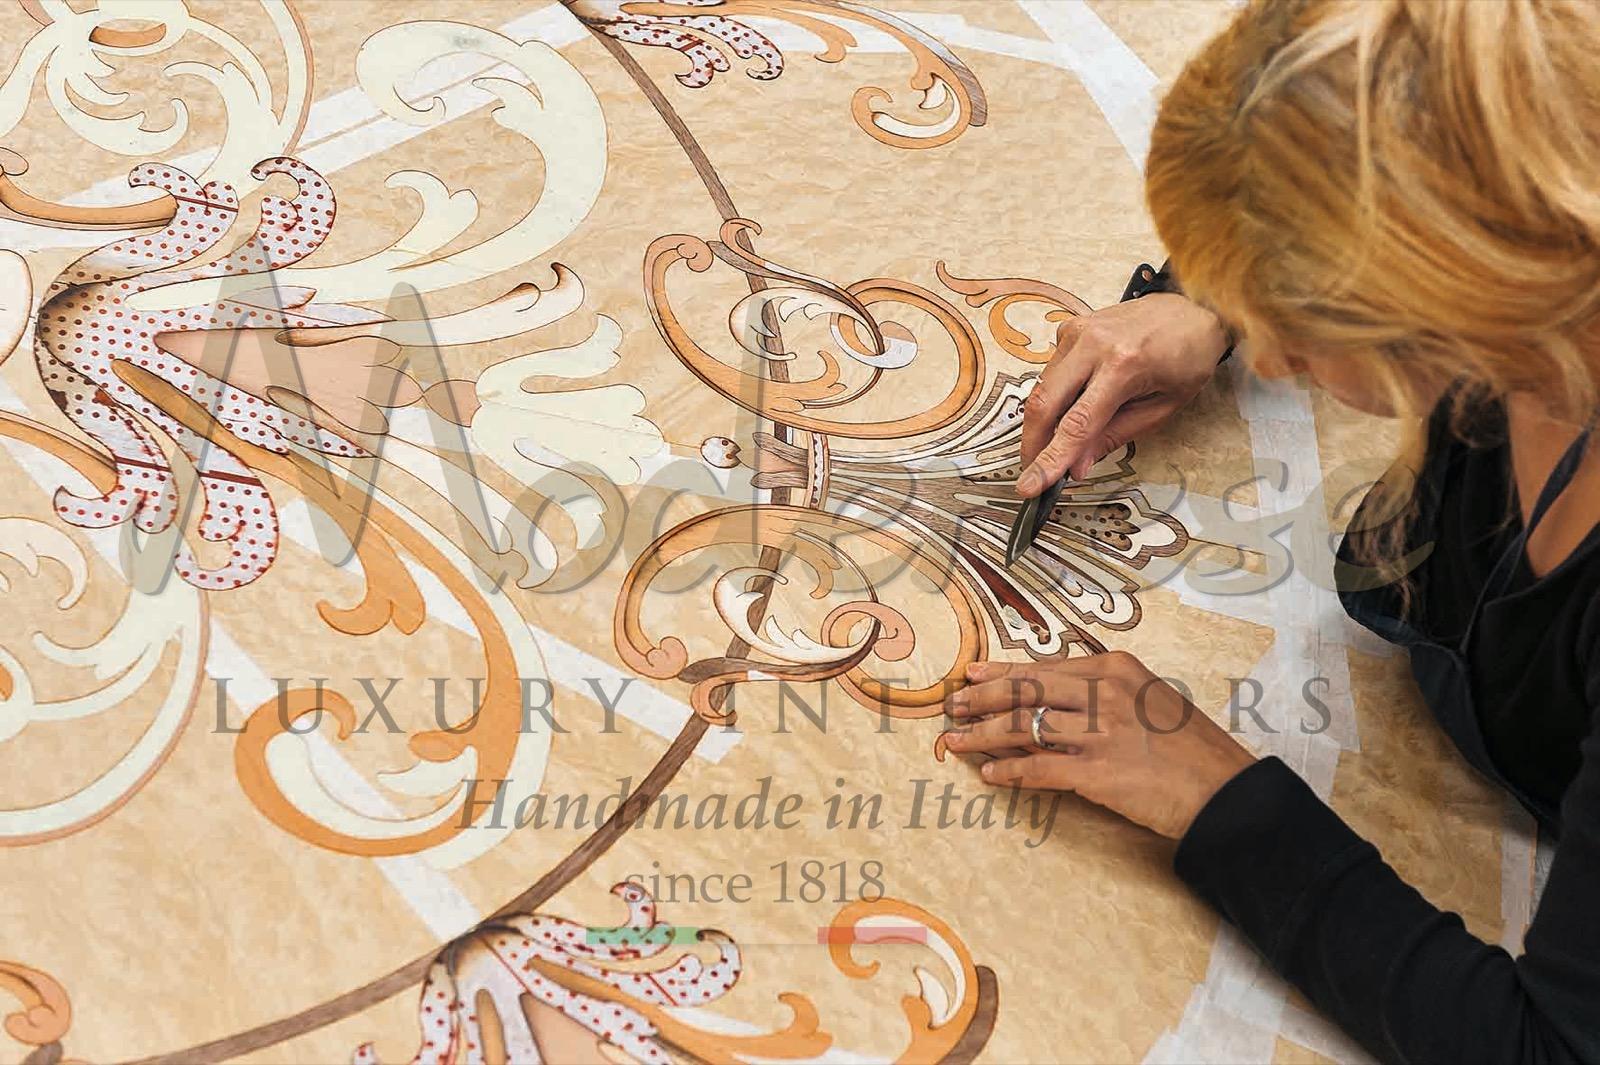 Сделано в Италии роскошная классическая мебель декор для дома инкрустация из массива дерева перламутр мрамор премиальные ткани элегантные материалы интерьер ручной работы индивидуальные интерьеры Radica кустарное производство